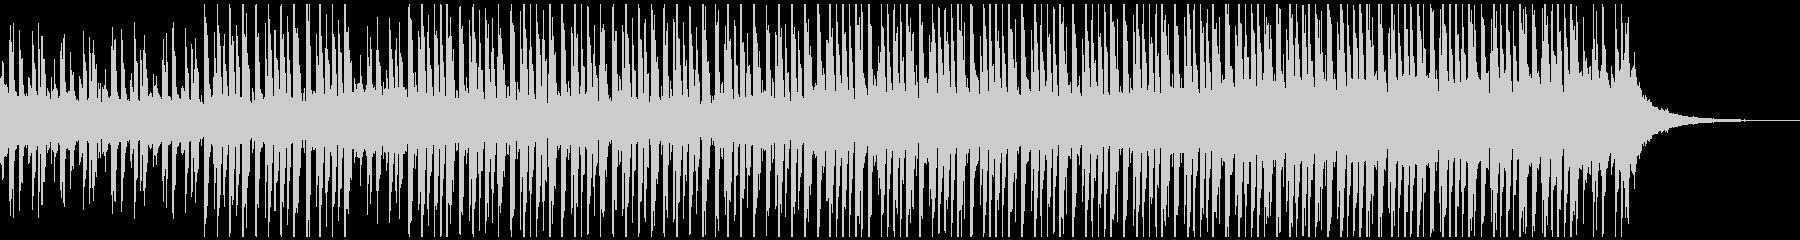 ハッピーアップビート(ショート)の未再生の波形